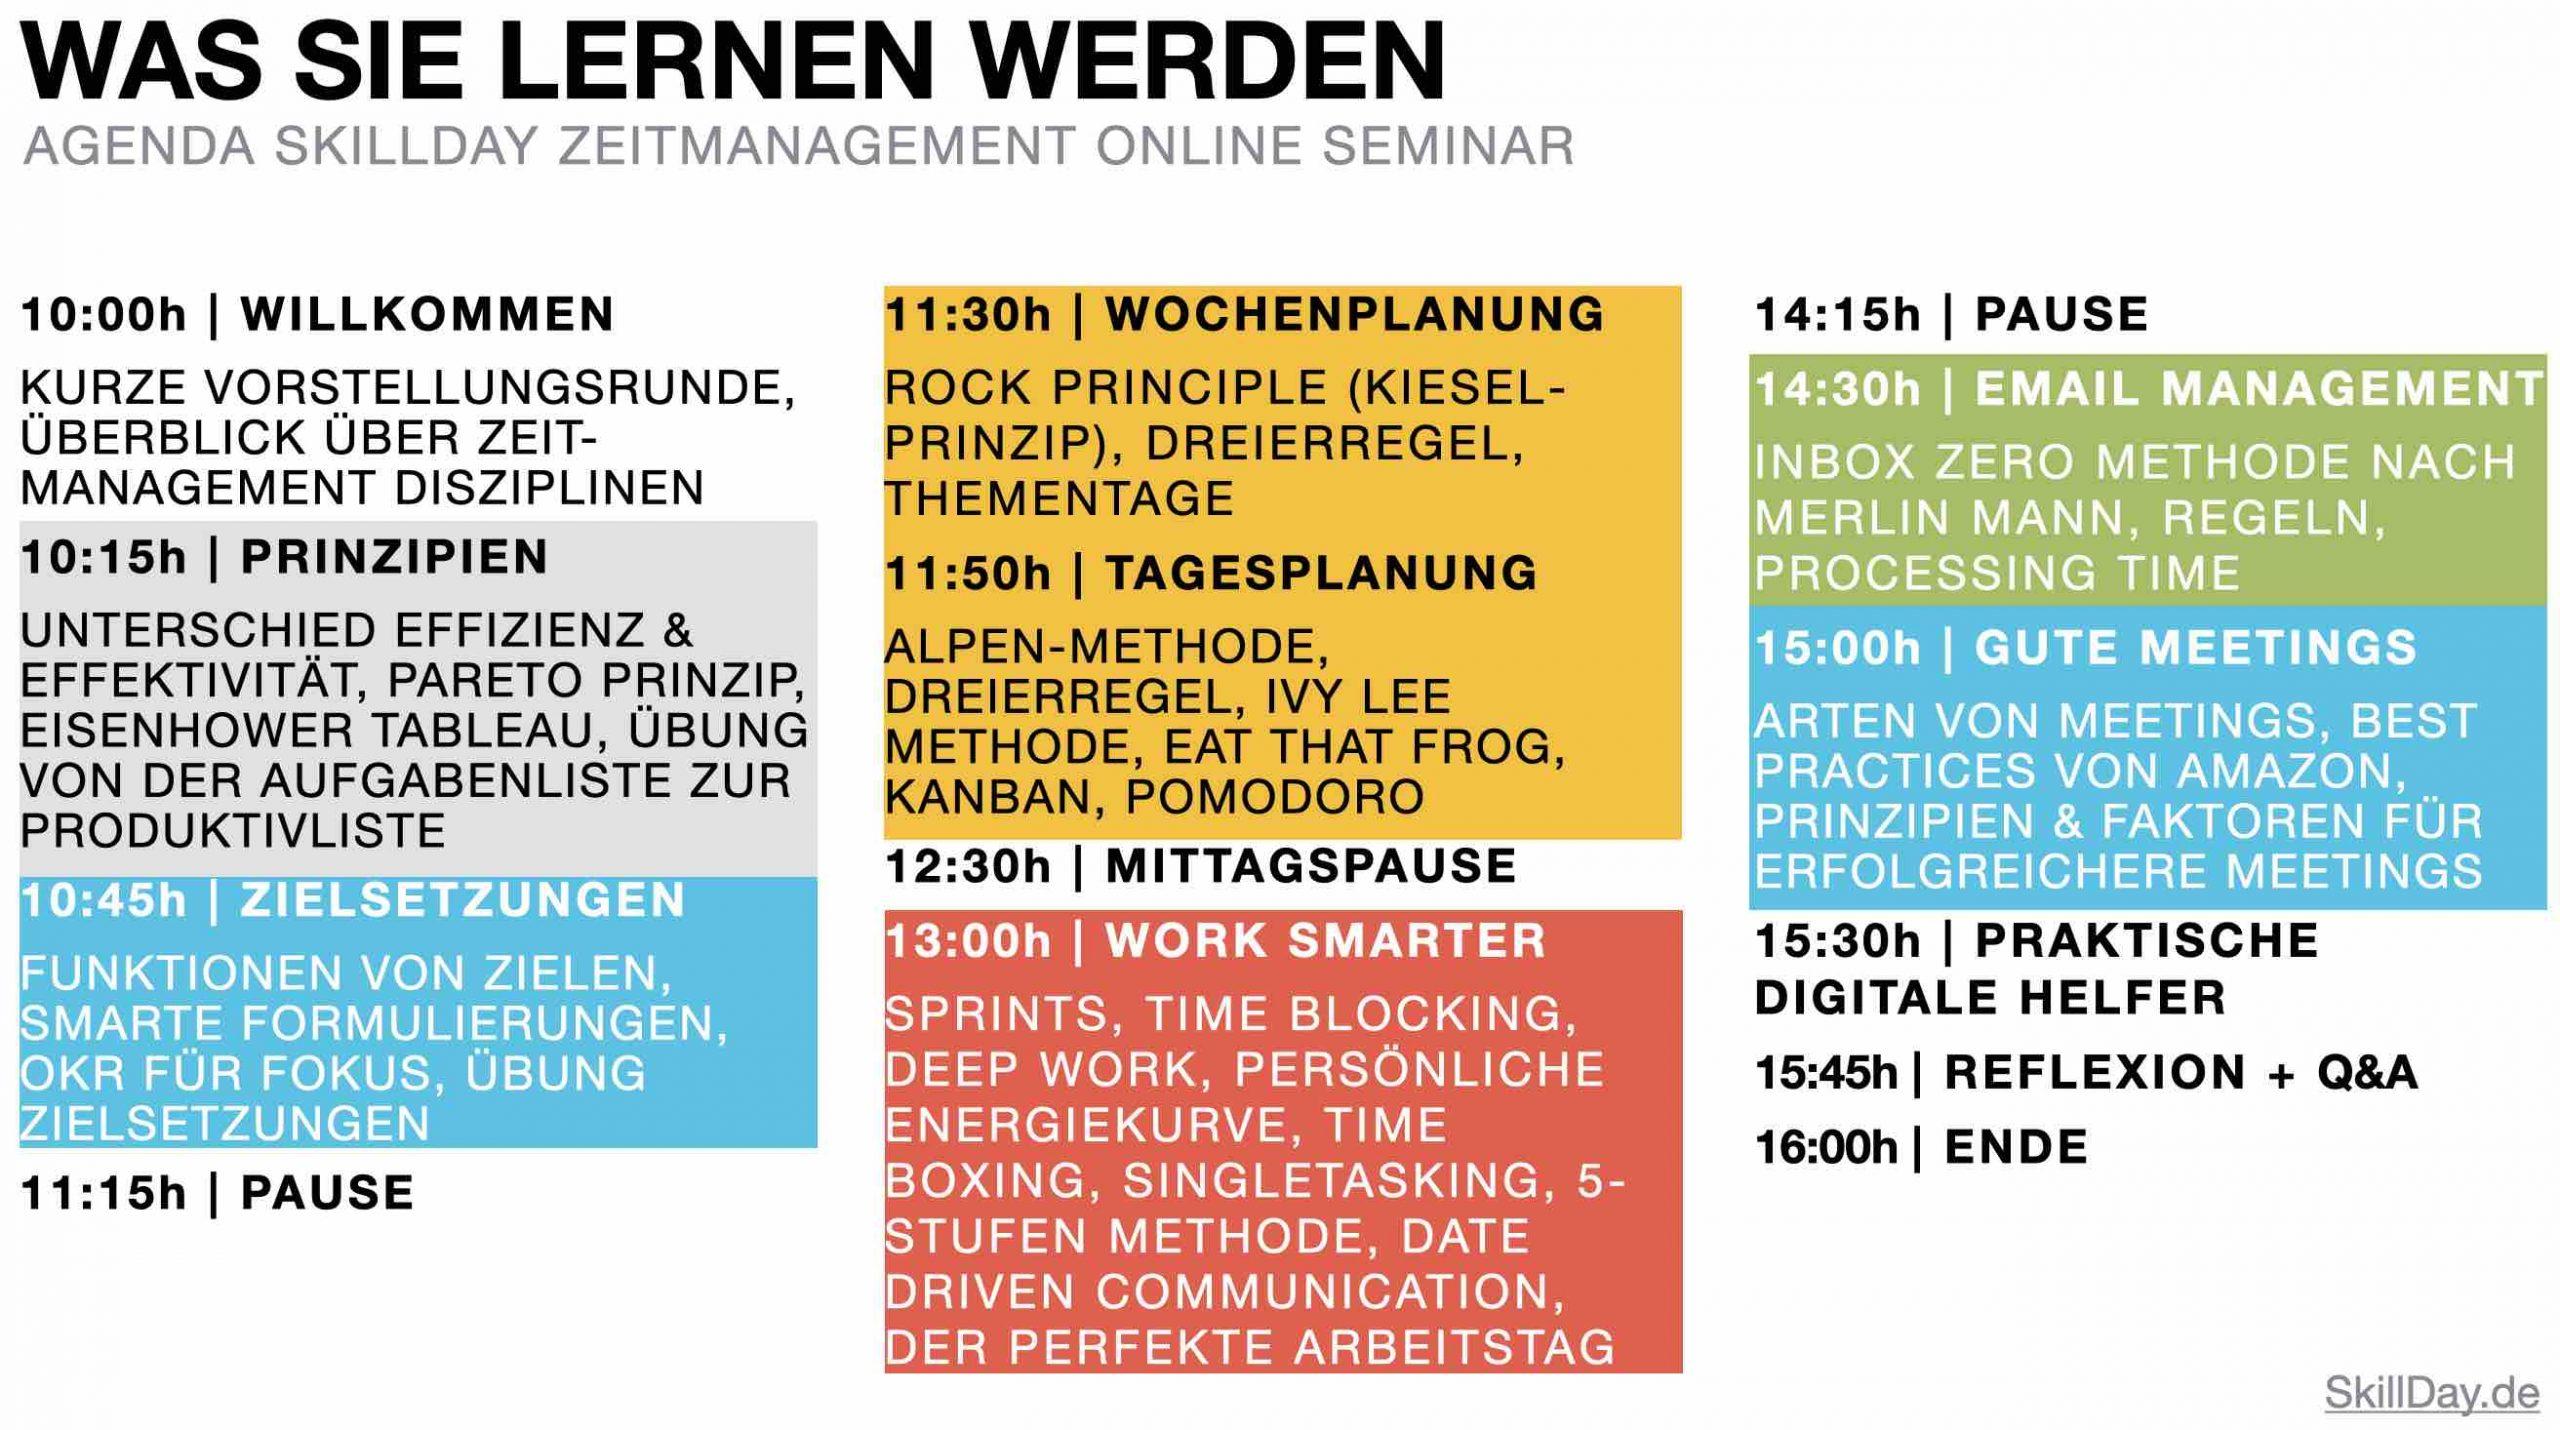 Agenda Online Zeitmanagement Seminar